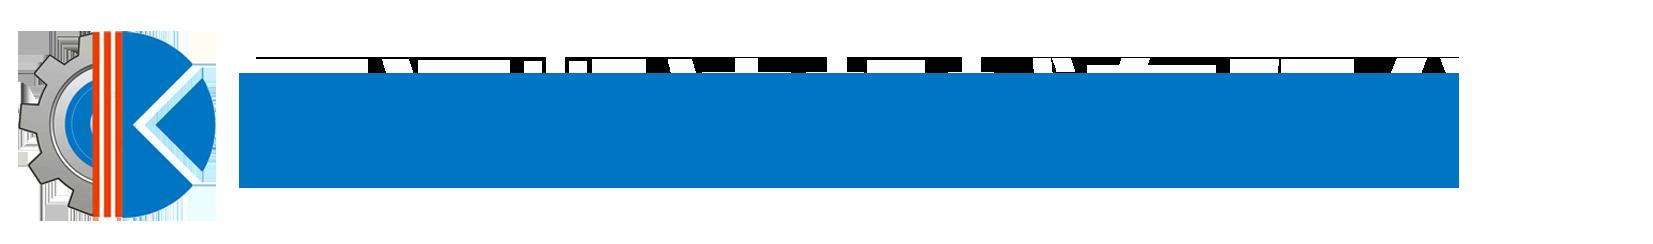 晋江凯迪机械有限公司